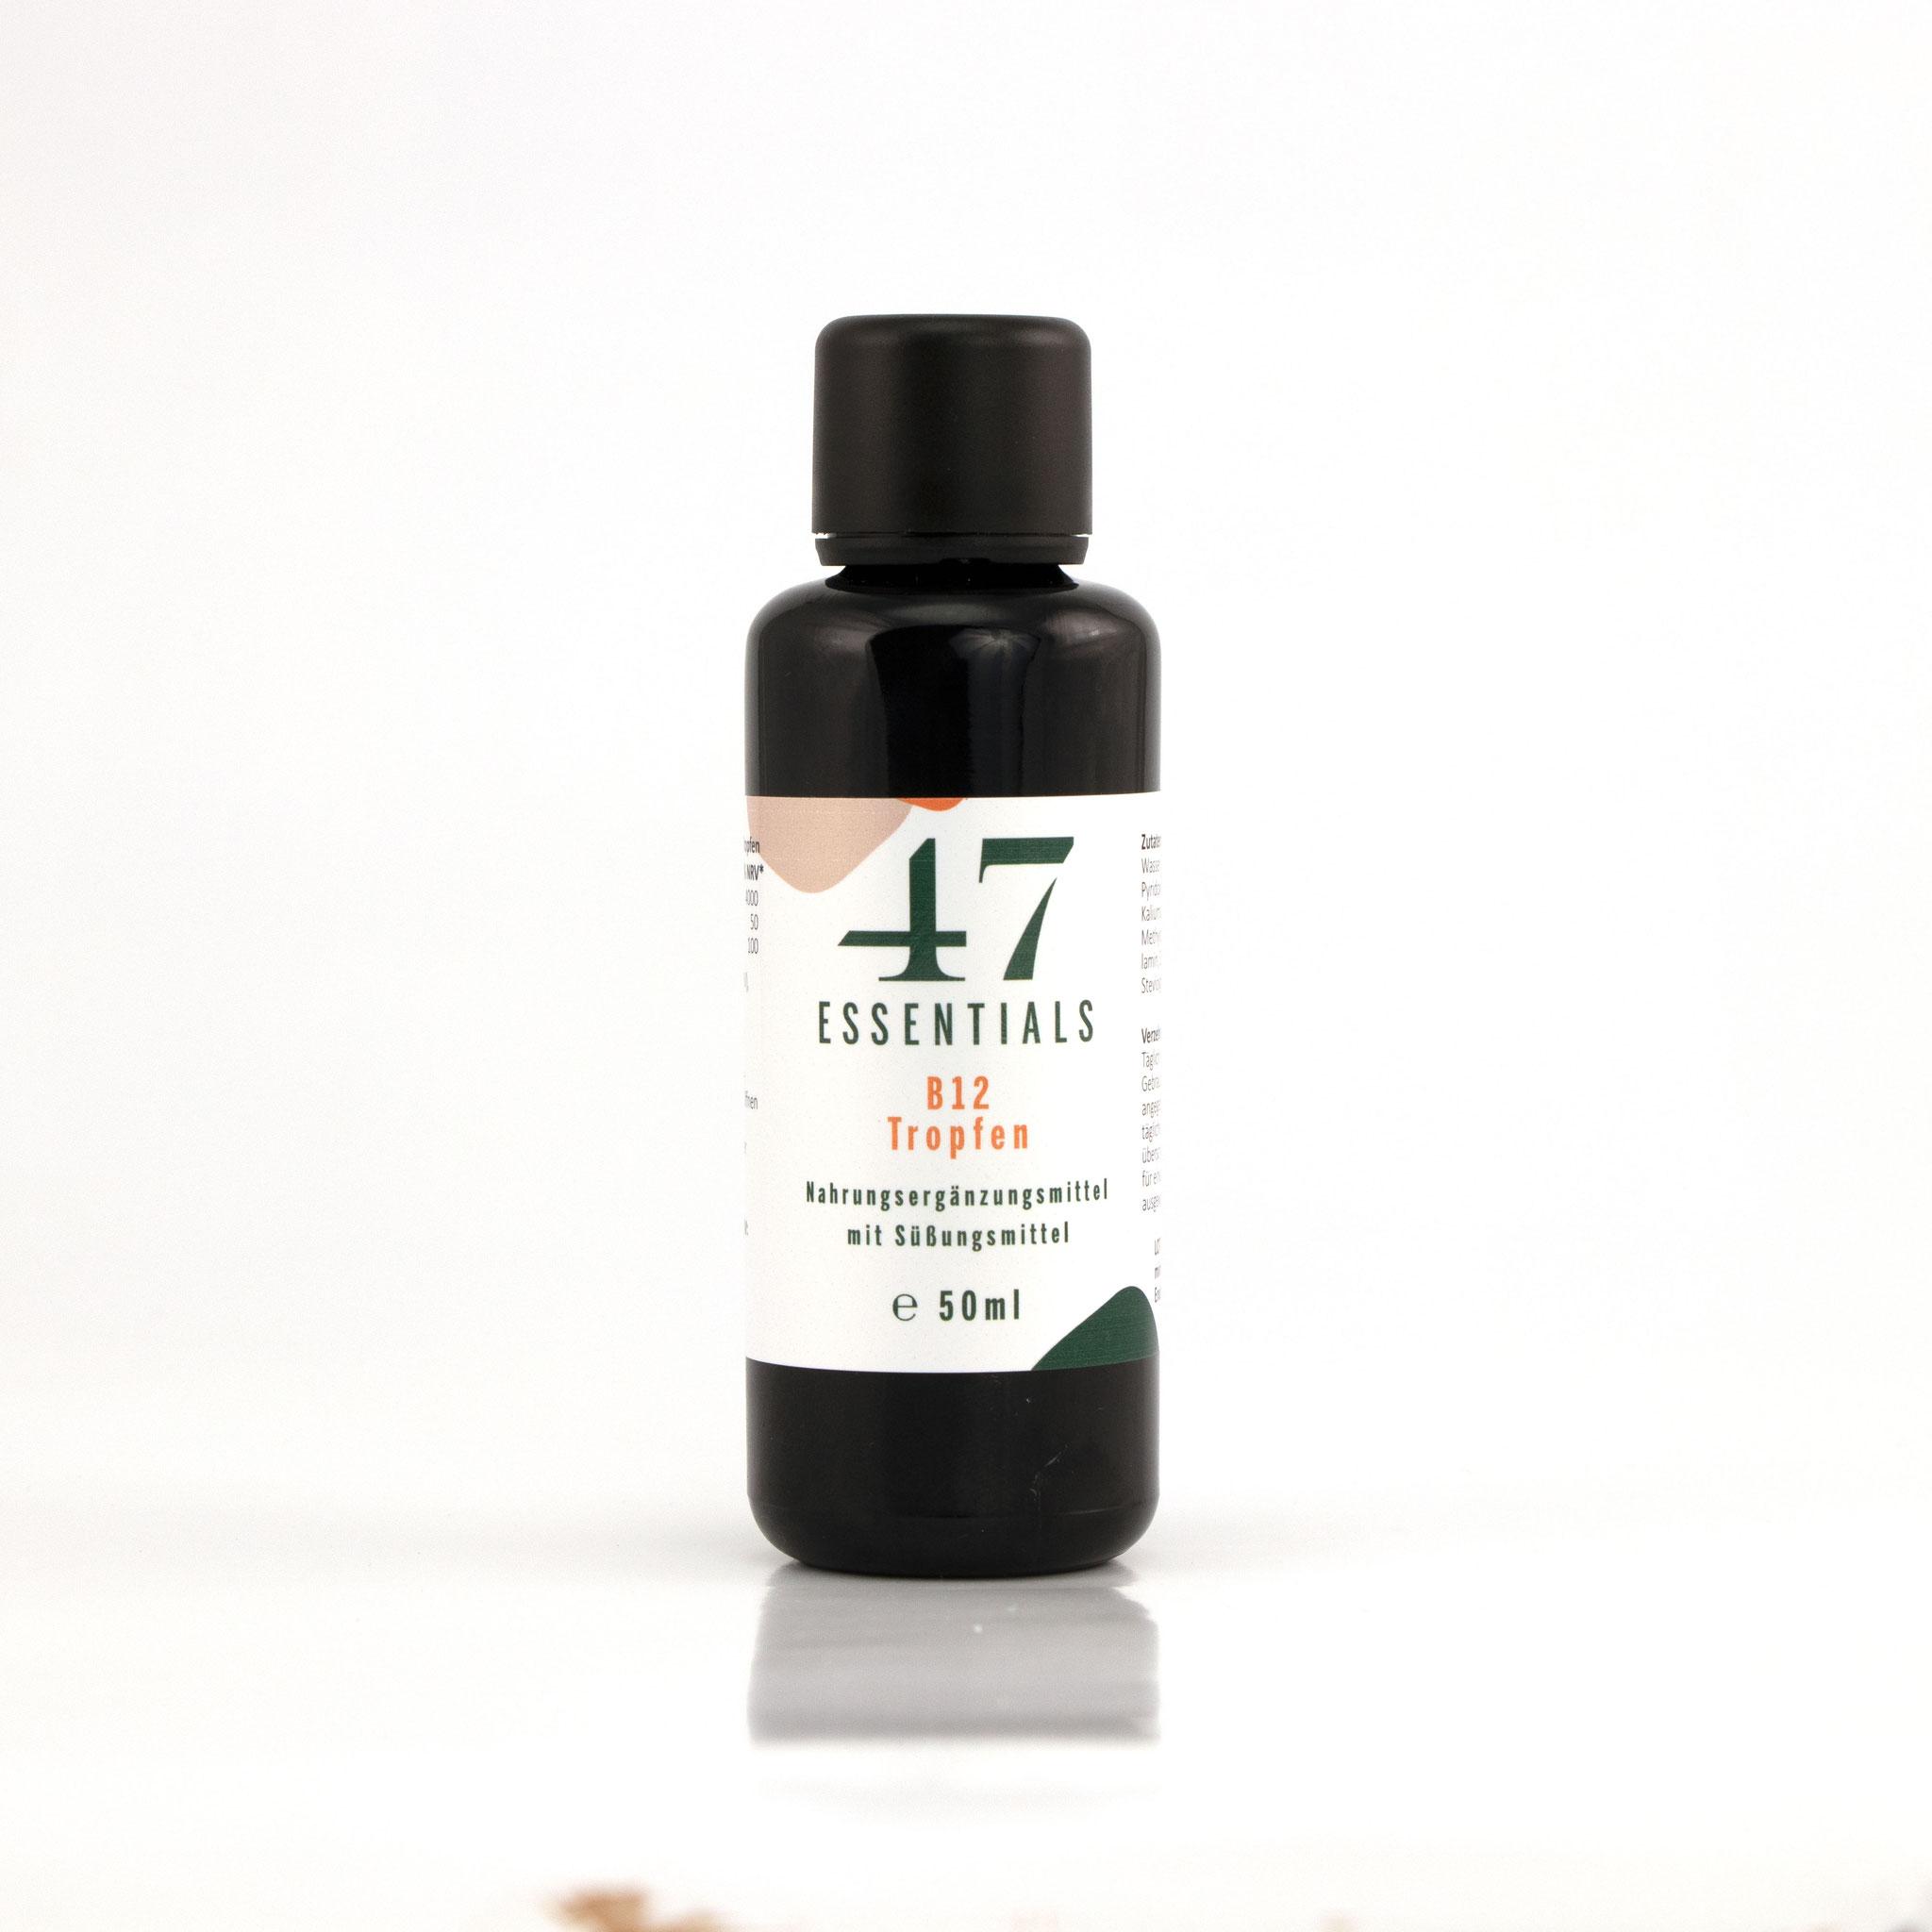 B12 Tropfen 50 ml (Das Glück der Zelle)      € 29,90                    Klicken Sie hier um mehr über das Produkt zu erfahren